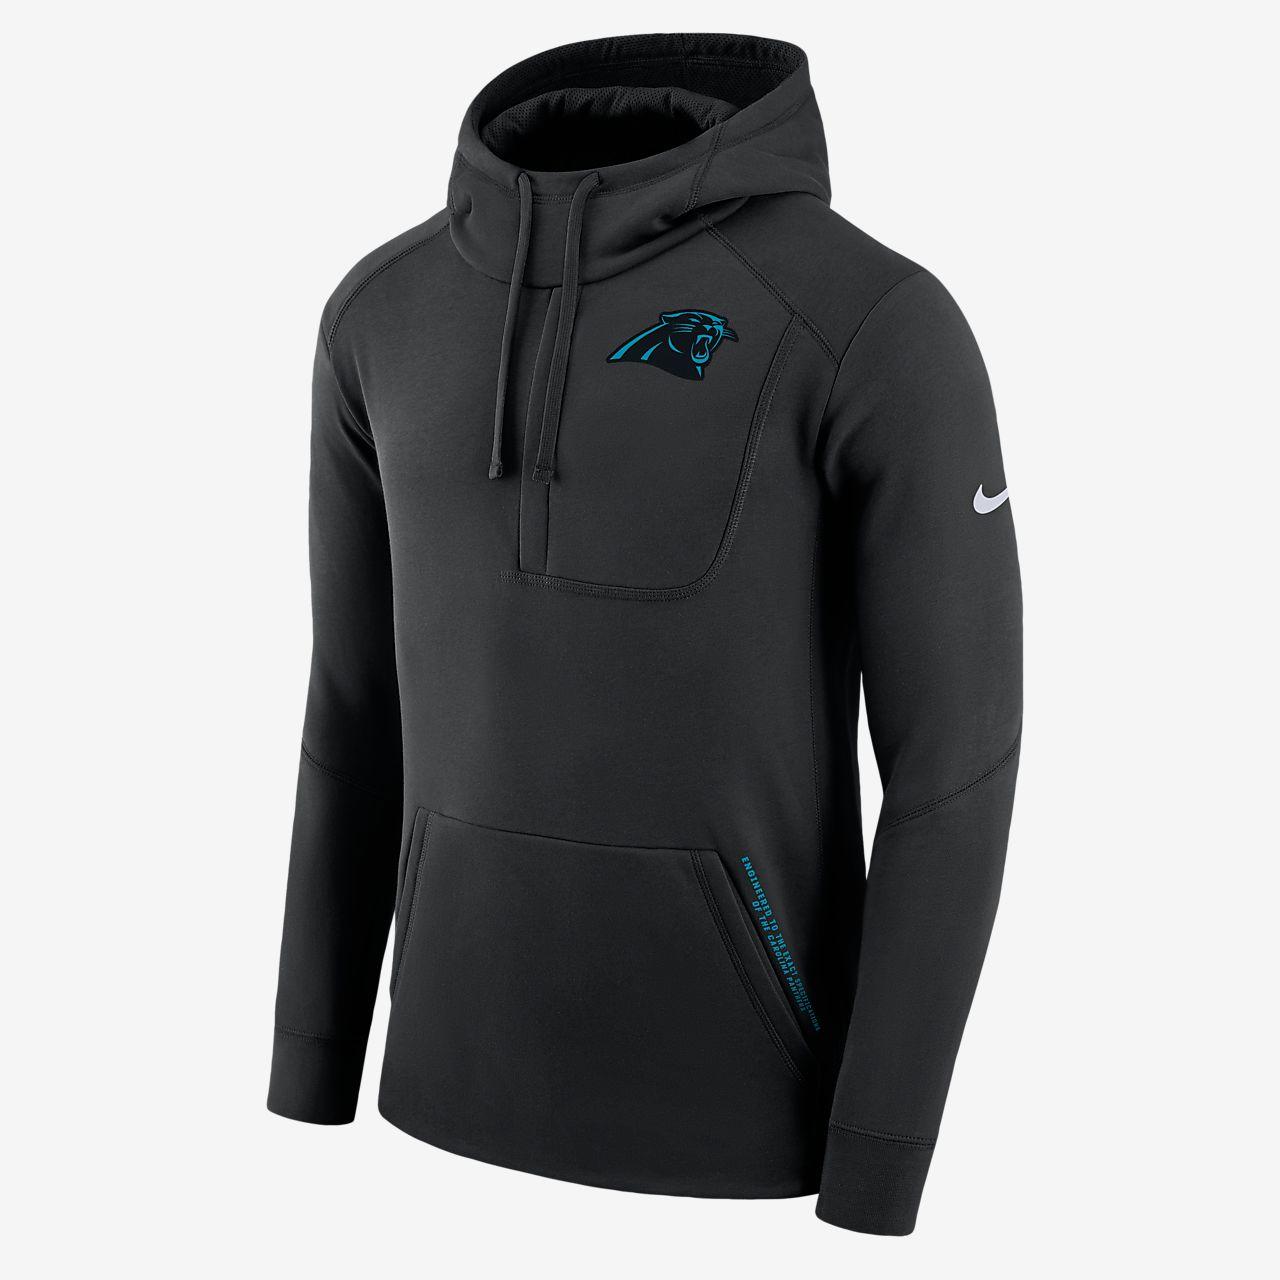 Ανδρική μπλούζα με κουκούλα Nike Fly Fleece (NFL Panthers)